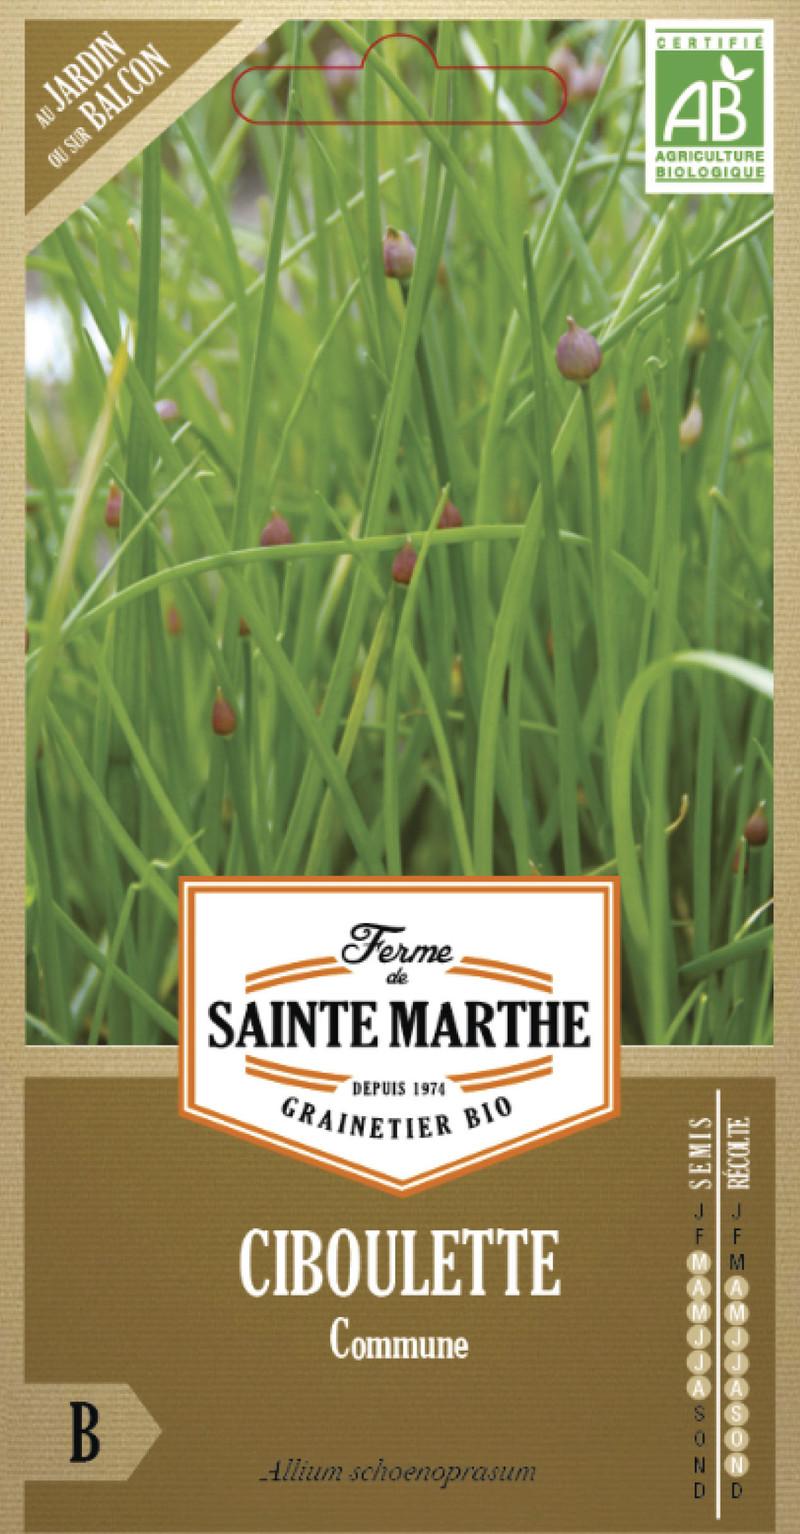 ciboulette commune bio la ferme de sainte marthe graine semence aromatique sachet semis - Voir en grand